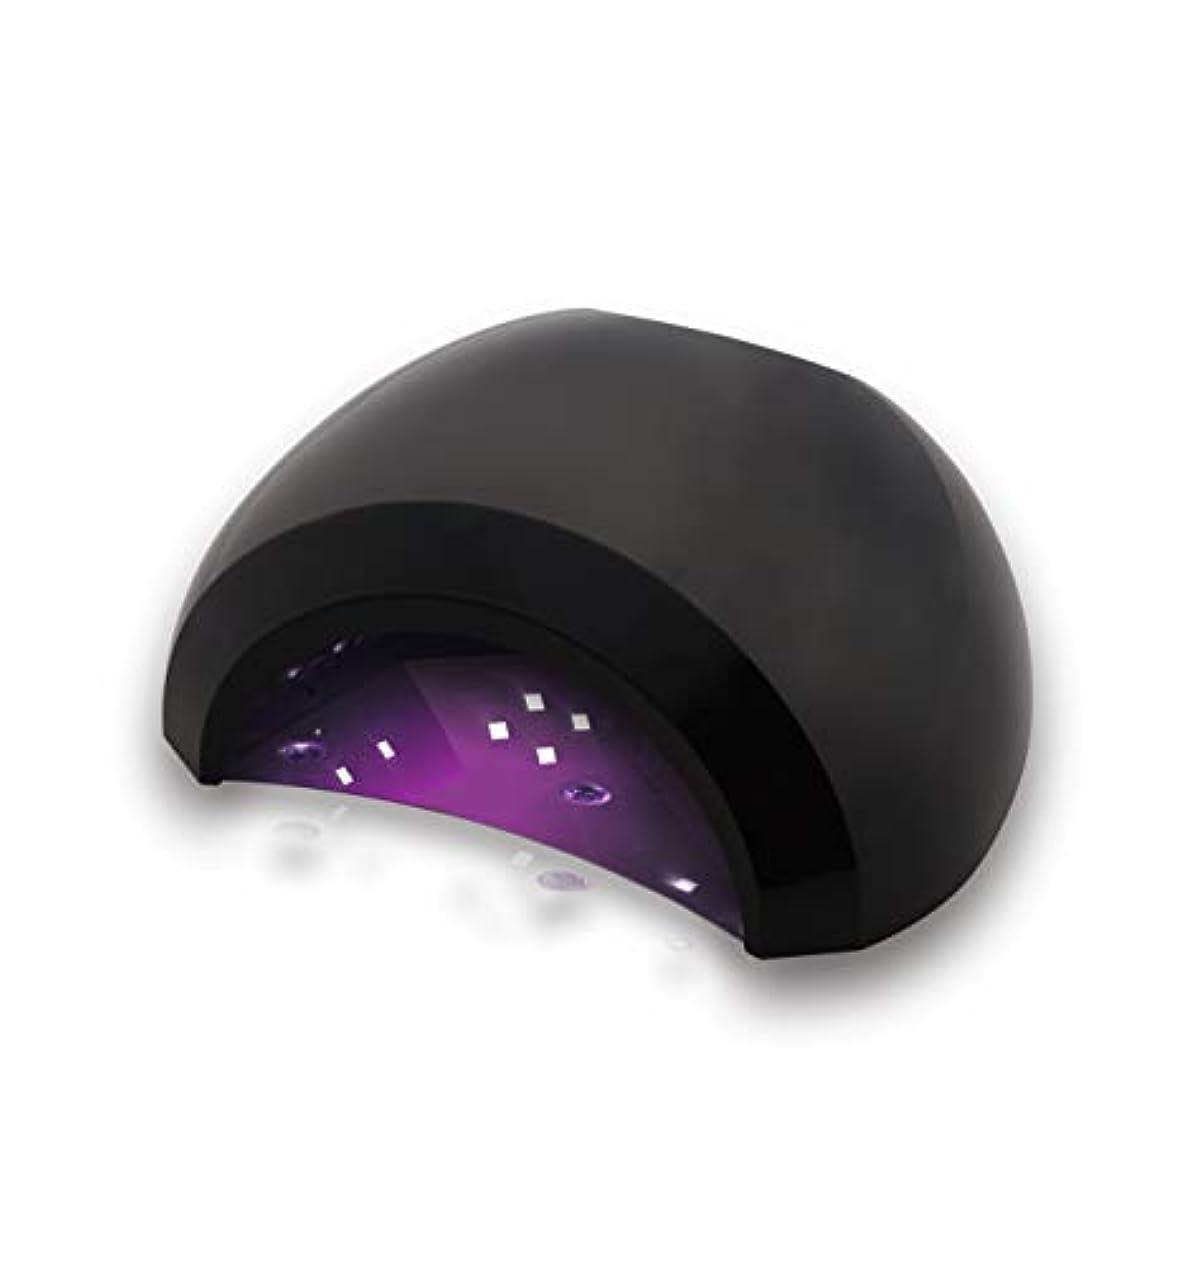 日食販売員コカインAokitec UV LED ネイルドライヤー 48w高速硬化ネイルライト 人感センサーとタイマー付 時間メモリ 手足両用ネイルランプ 全ジェル対応 レジンにも使える 日本語説明書付【一年間保証】 …